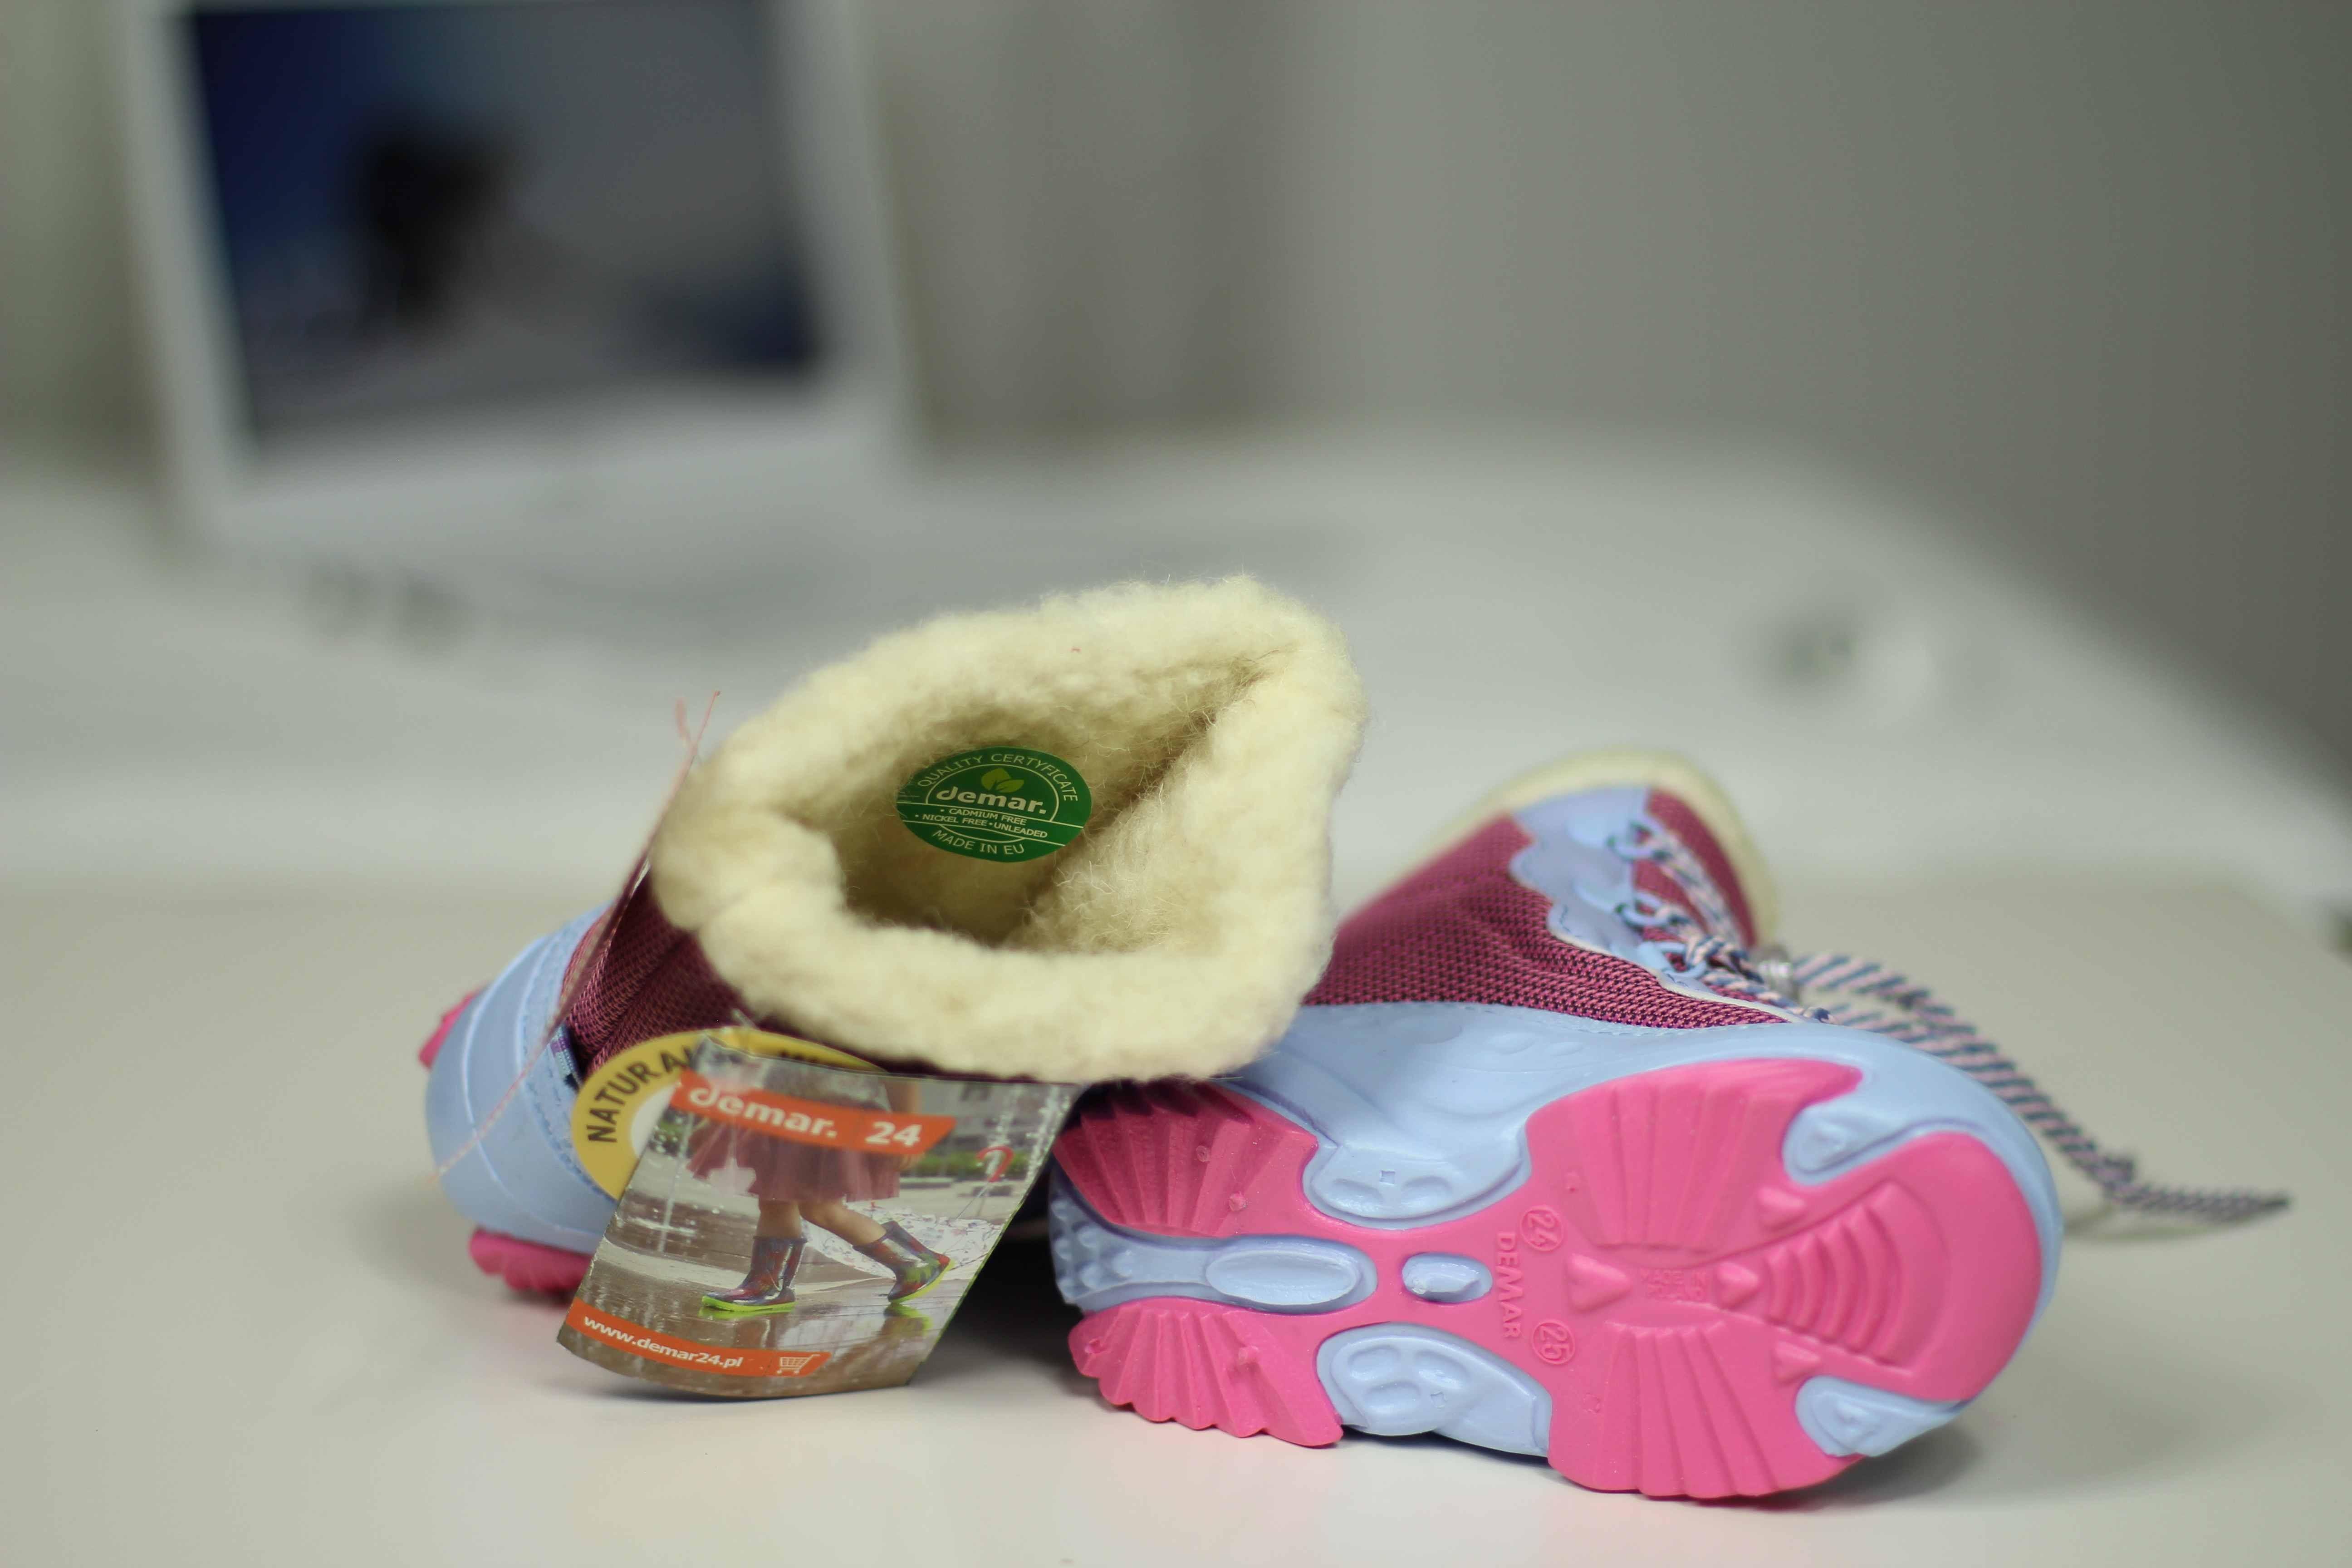 зимние дутики demar snow mar купить недорого